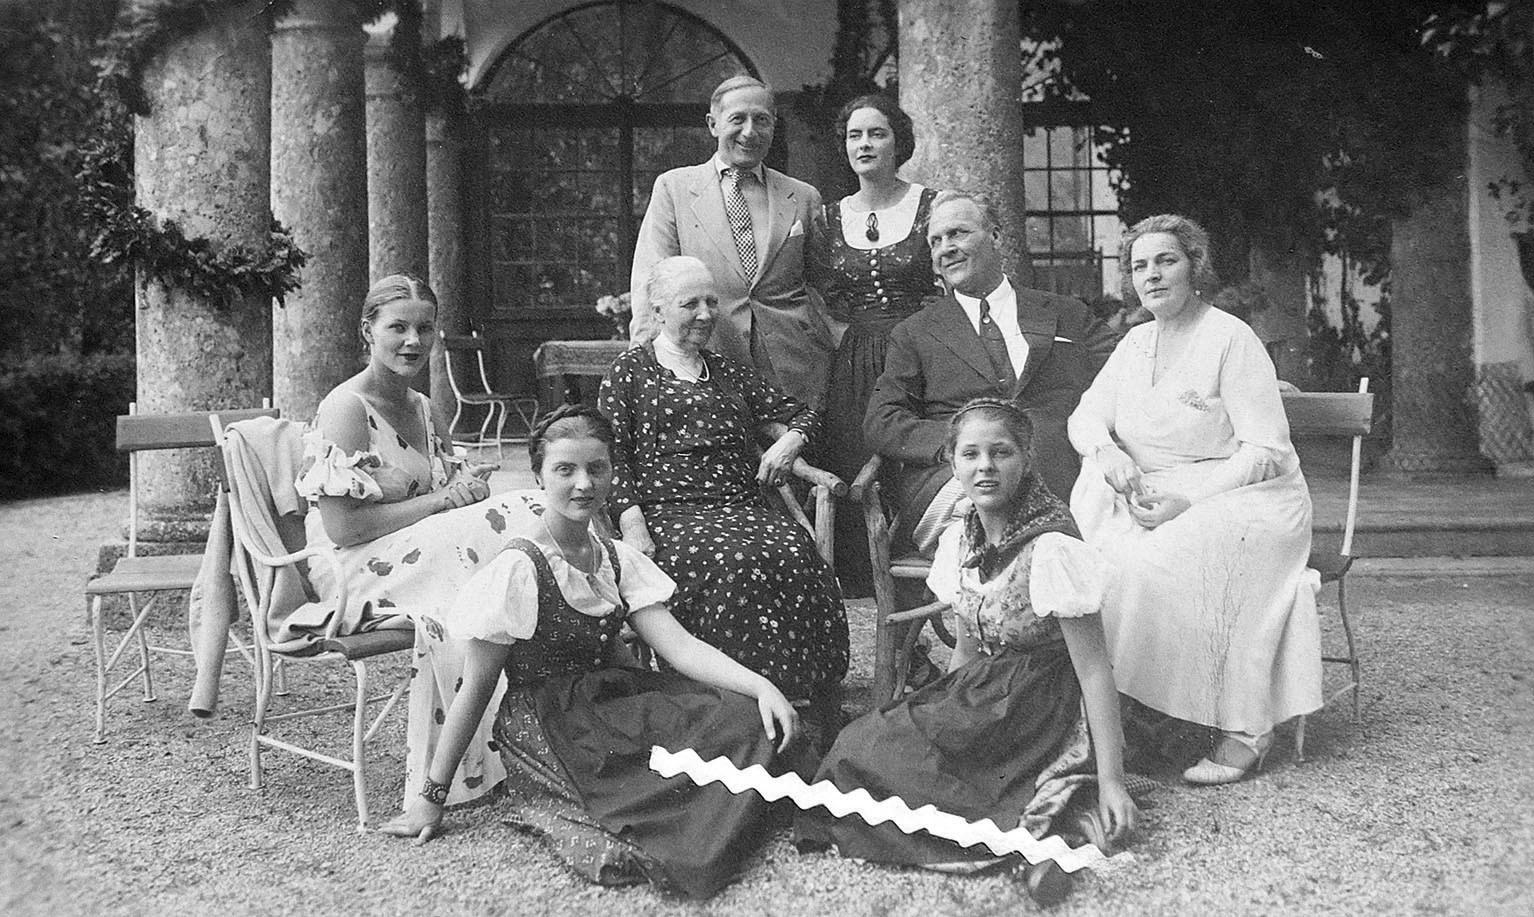 Famiglia di Shalyapin. Tyrol. Kitzbuehel. 1934